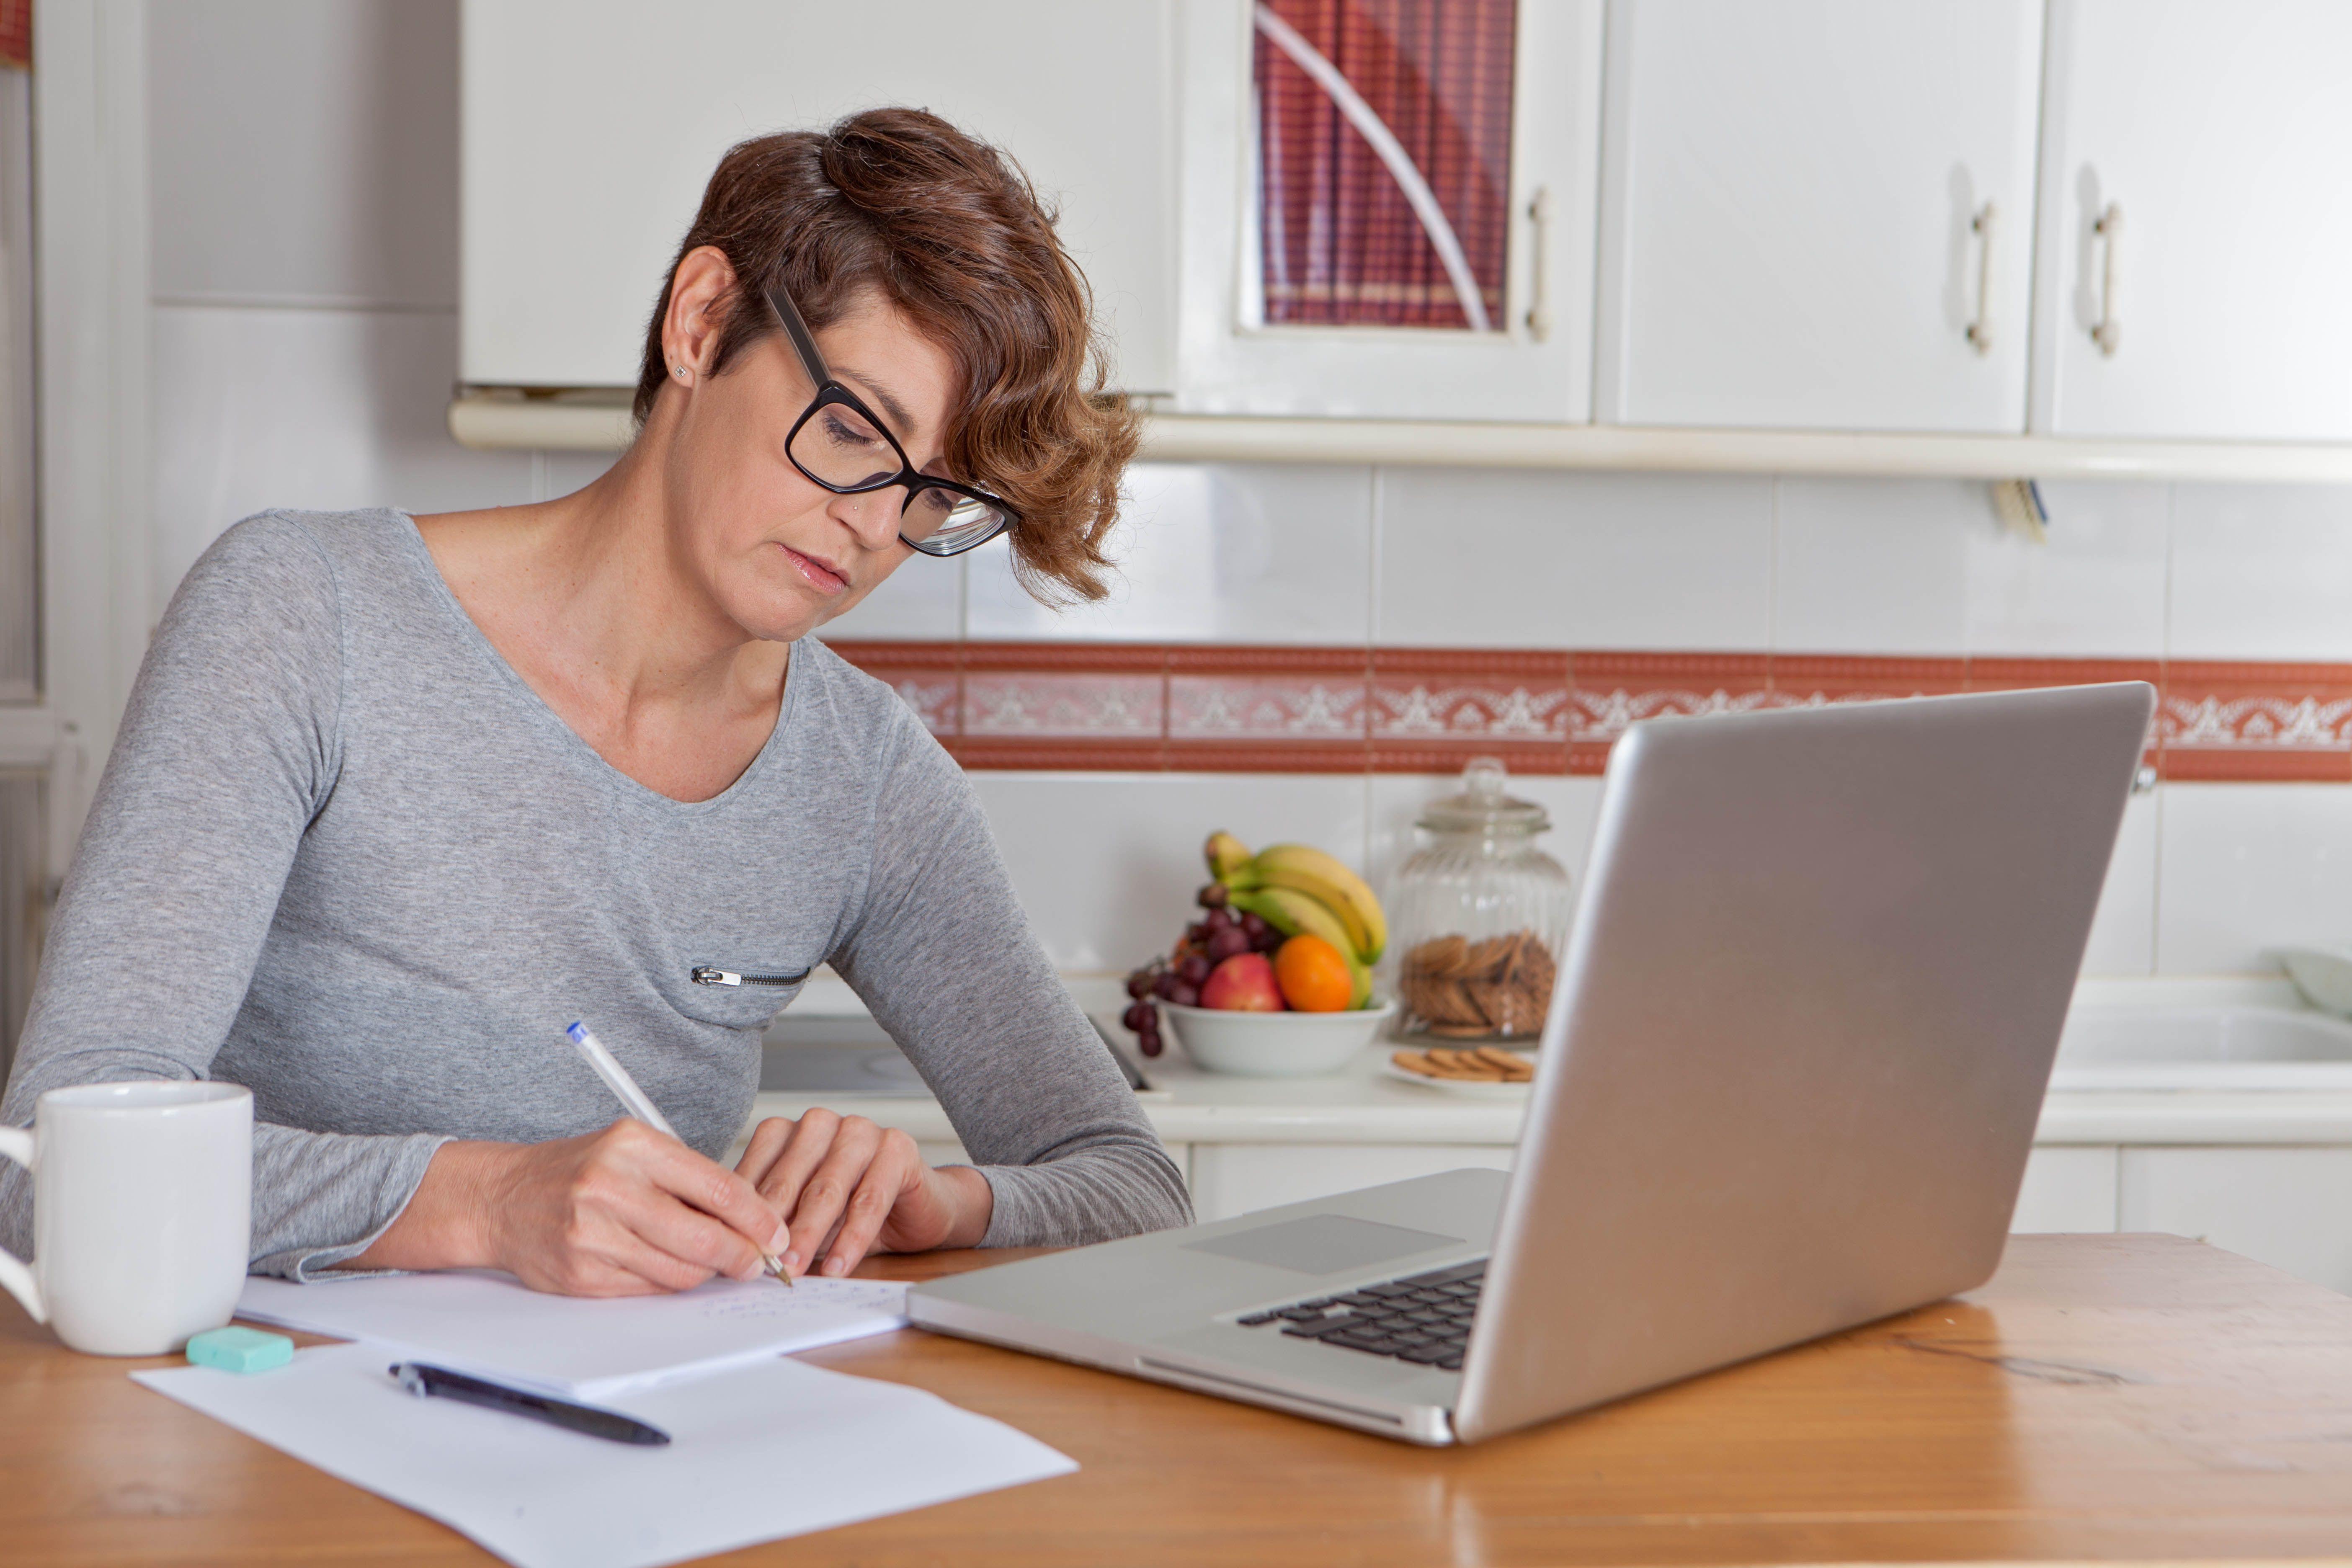 Vendeuse à domicile indépendante : travail à domicile comme VDI